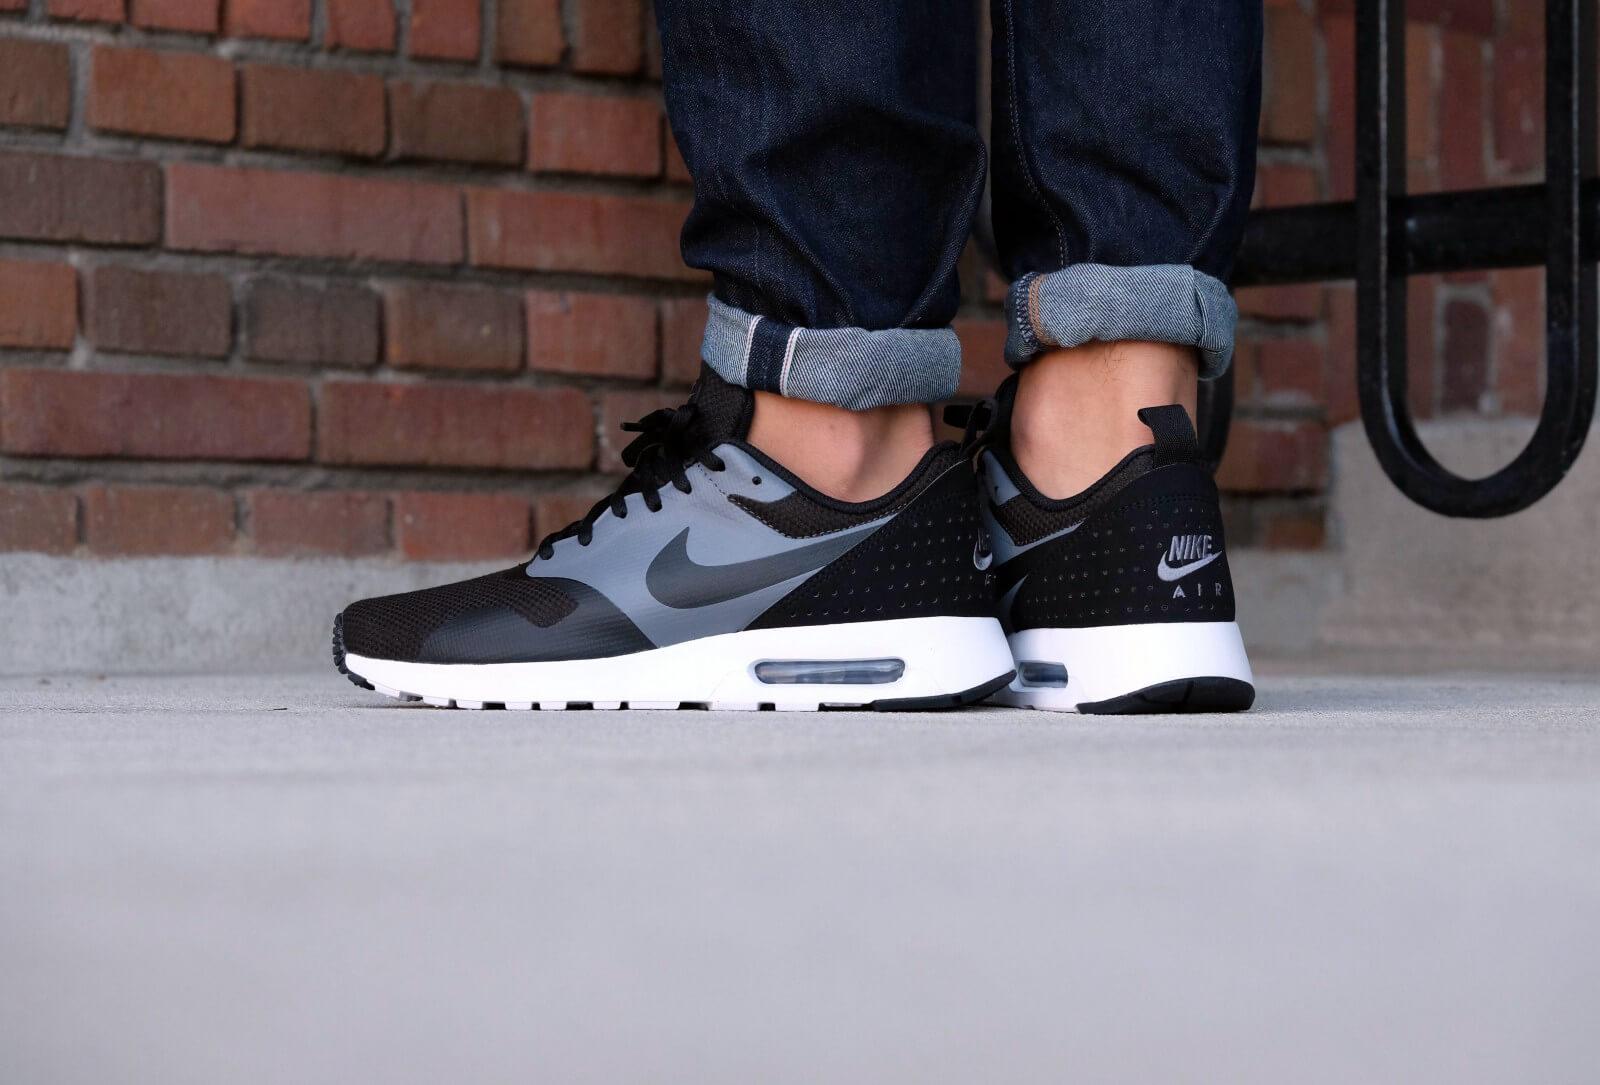 Nike Air Max Tavas SE BlackBlack Dark Grey 718895 008